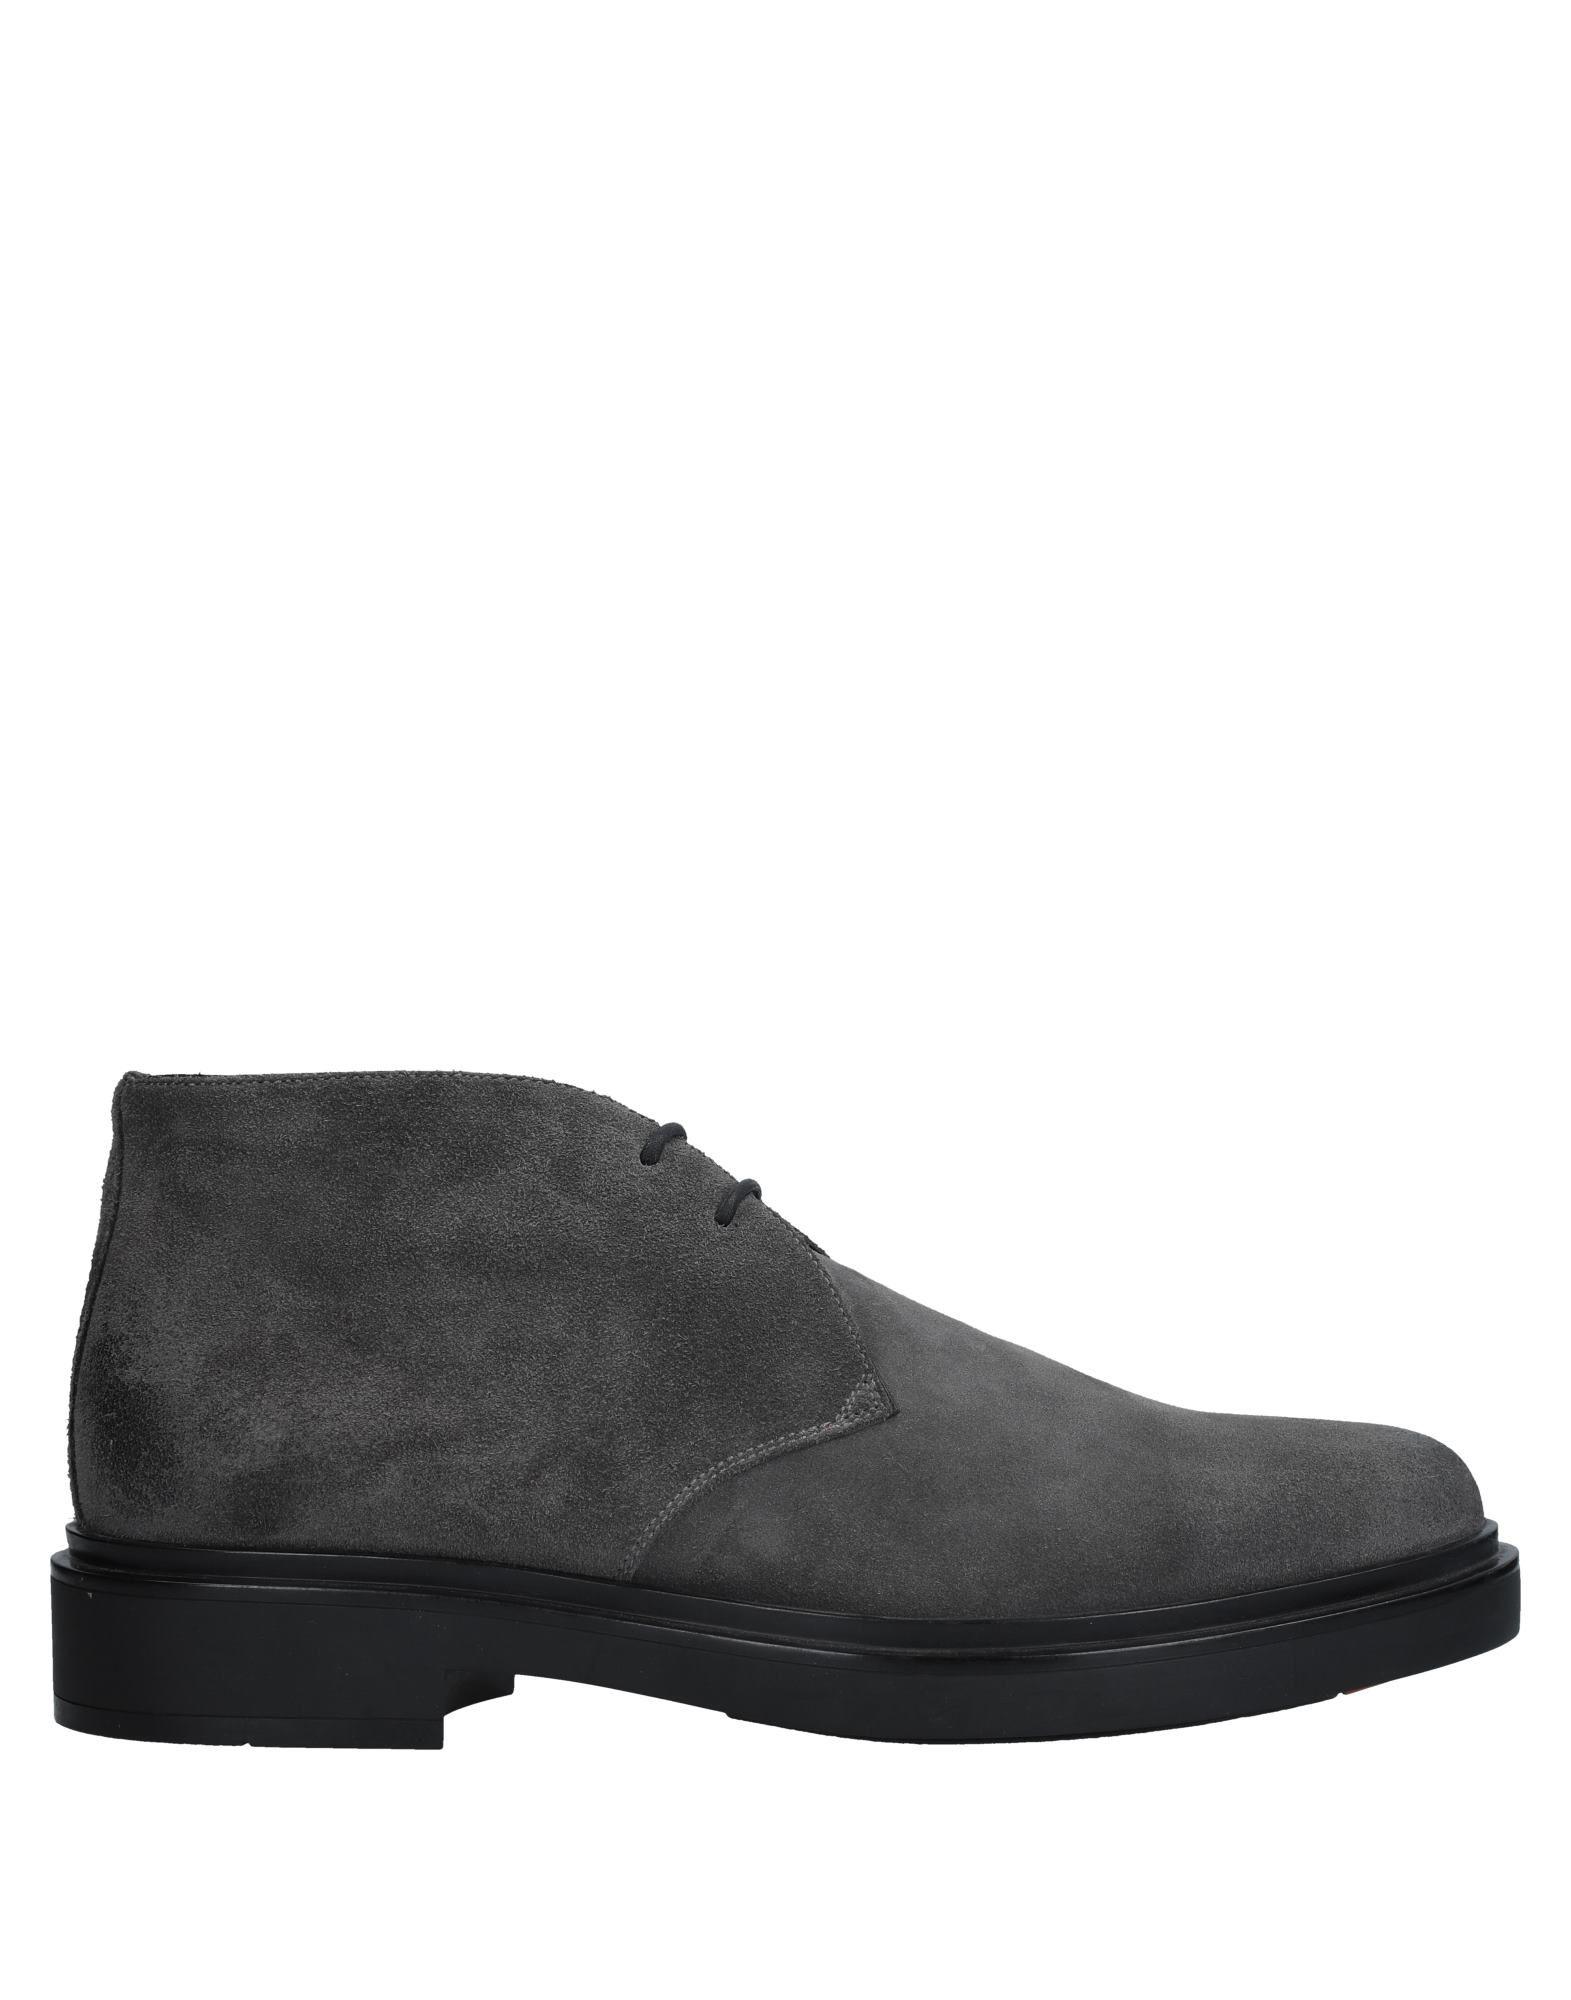 Santoni Stiefelette Herren  11540031XI Gute Qualität beliebte Schuhe